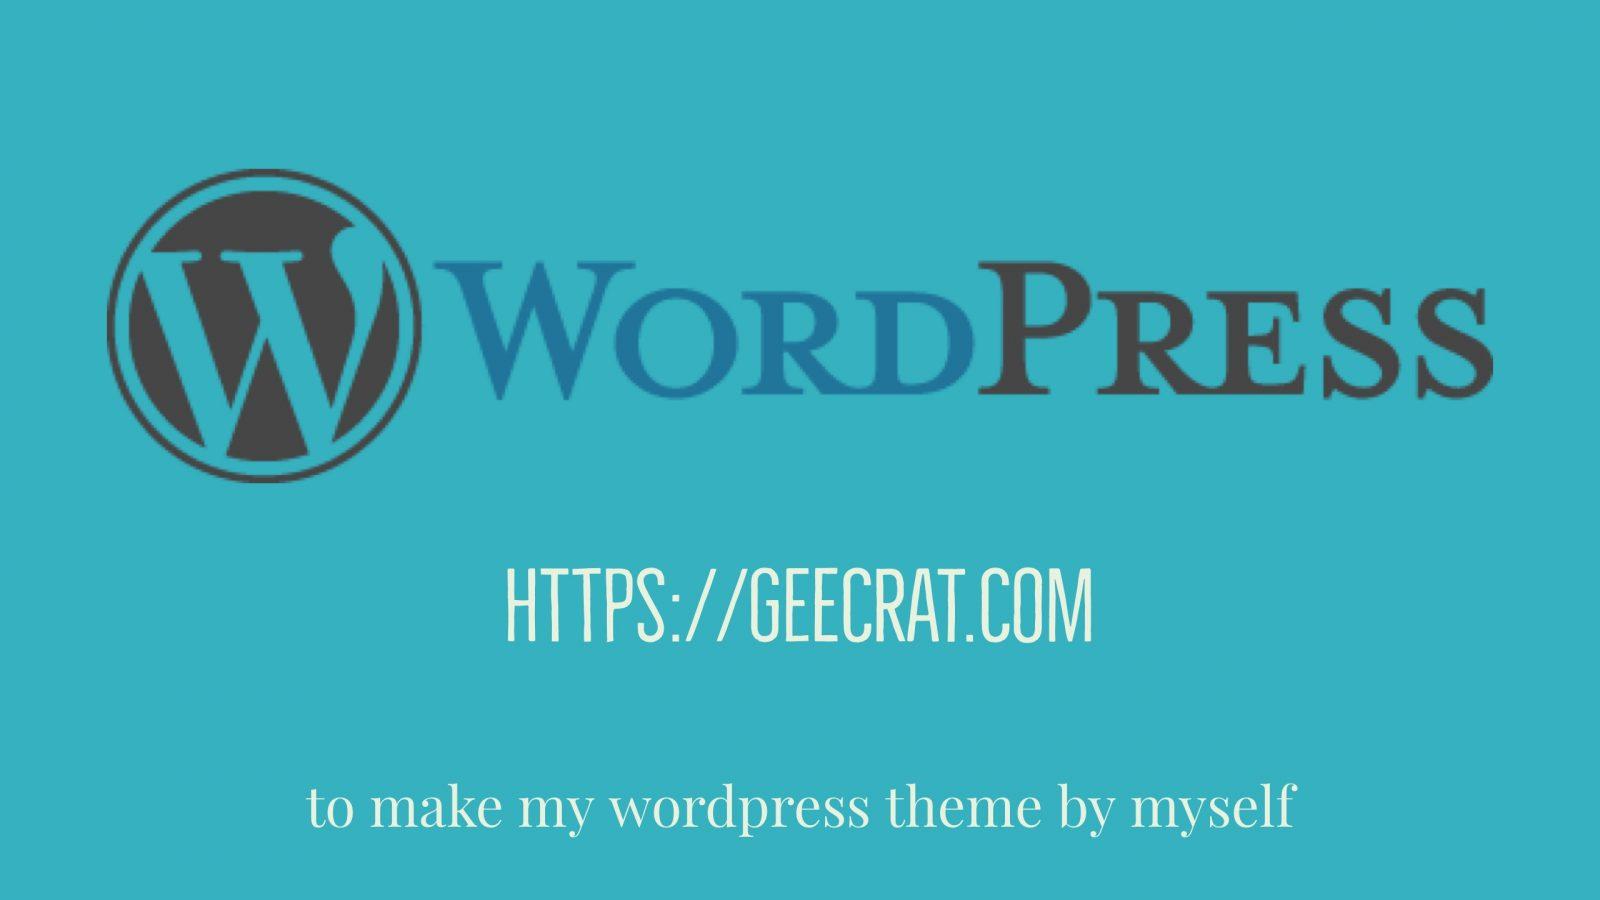 ブログをSSL対応したら自分でテーマを作りたくなった話